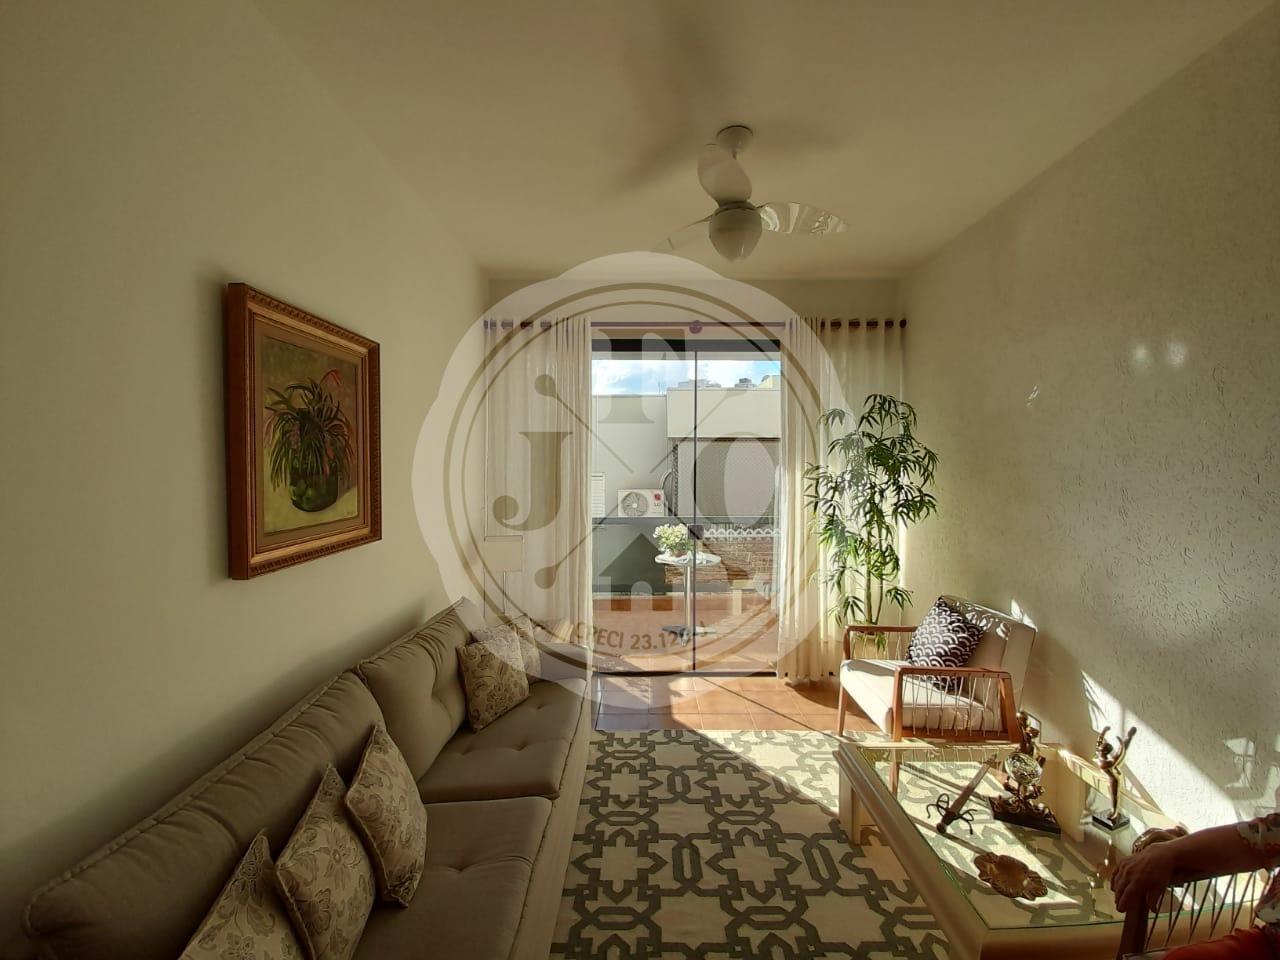 Apartamento à venda, 3 quartos, 1 suíte, 1 vaga, Jardim Irajá - Ribeirão Preto/SP